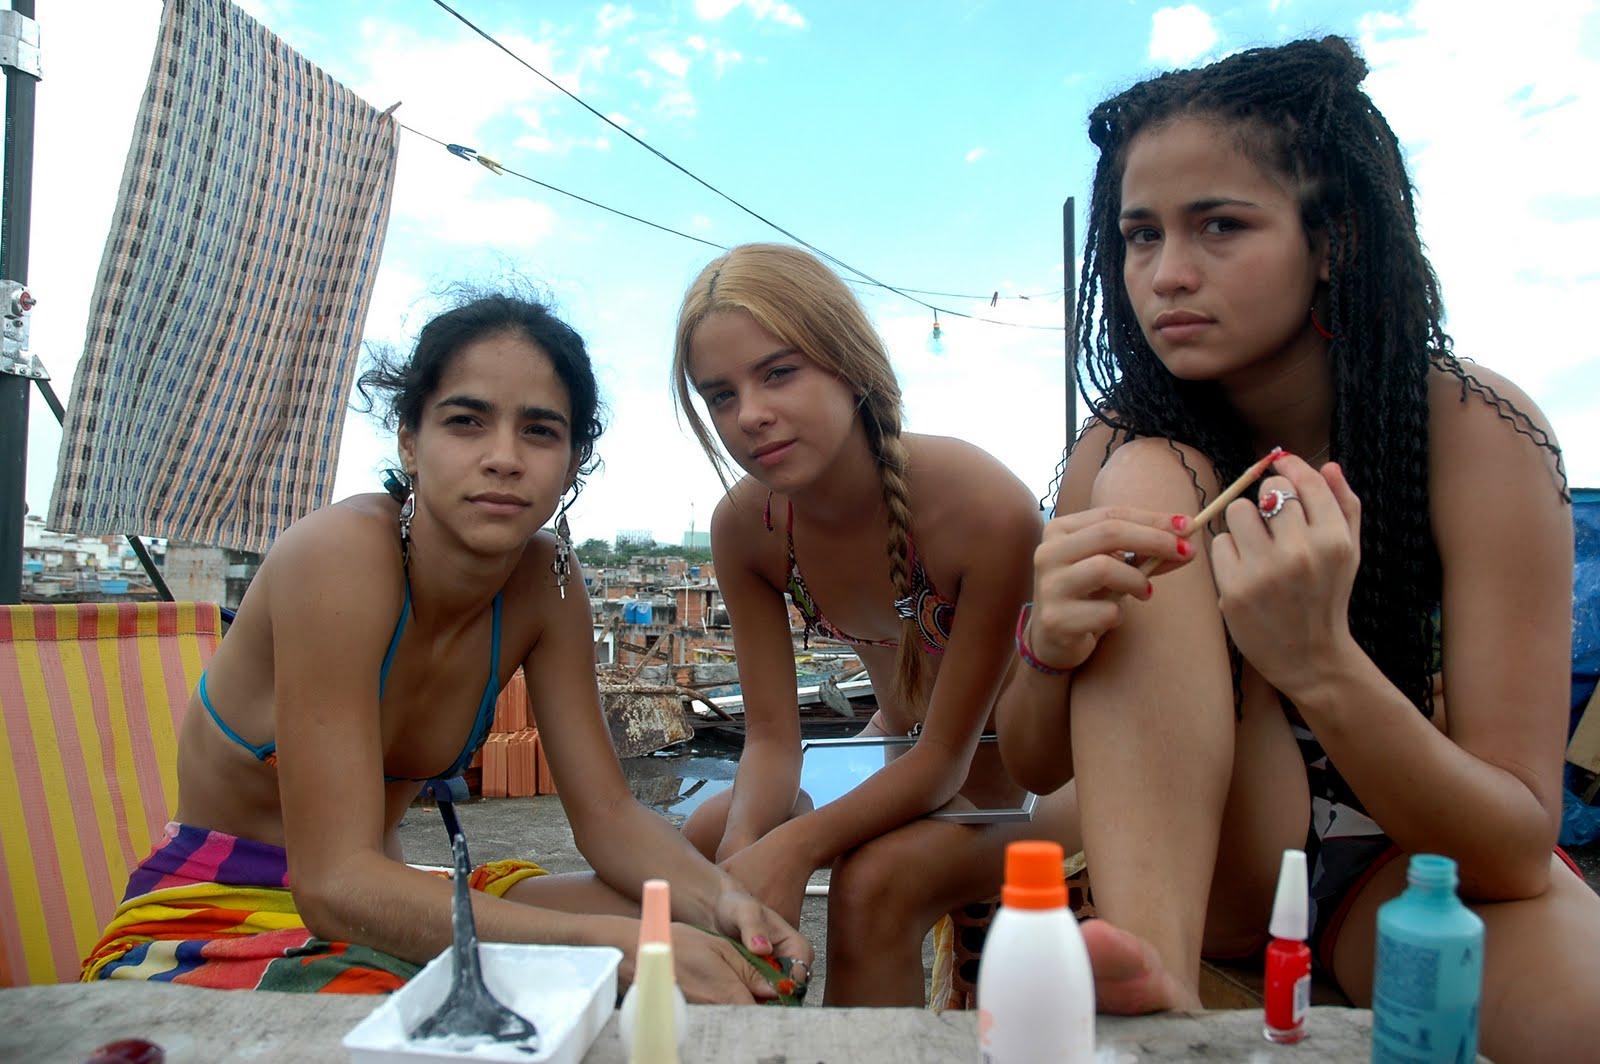 prostitutas morenas prostitutas problemas